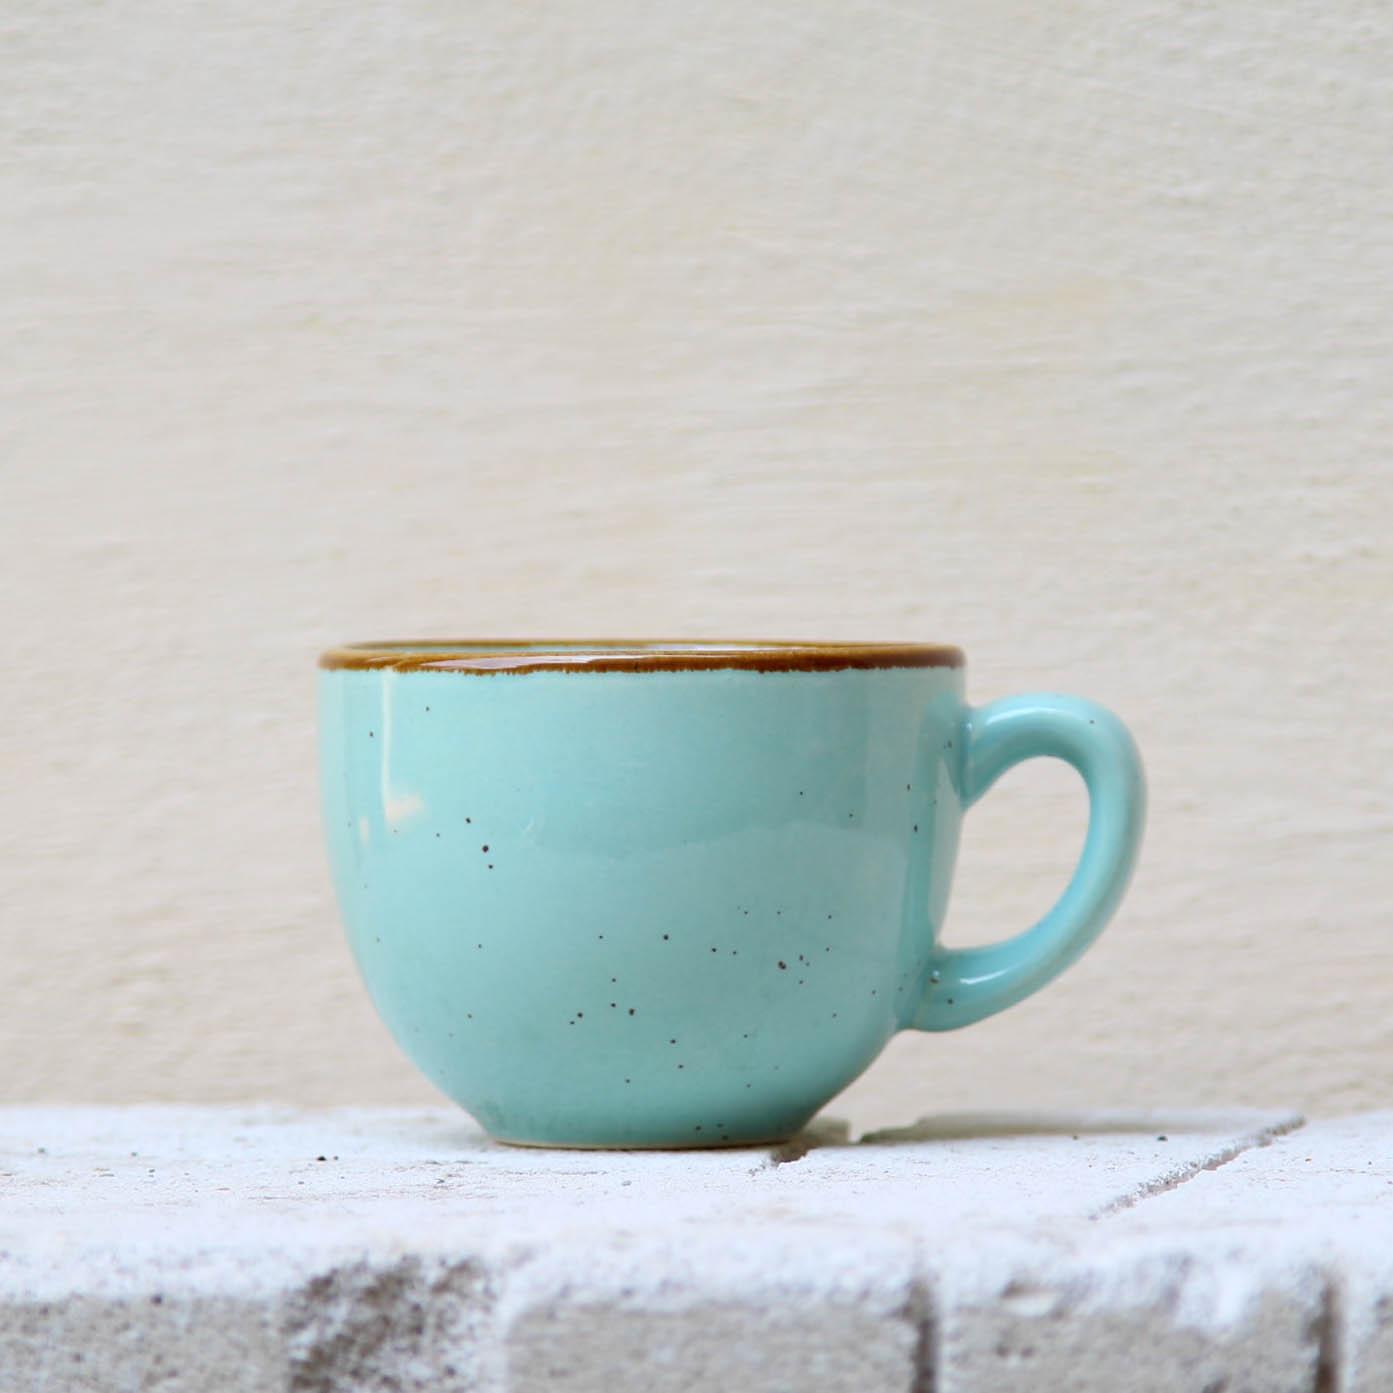 Ceasca Gardena din ceramica turcoaz 7 cm chicville 2021